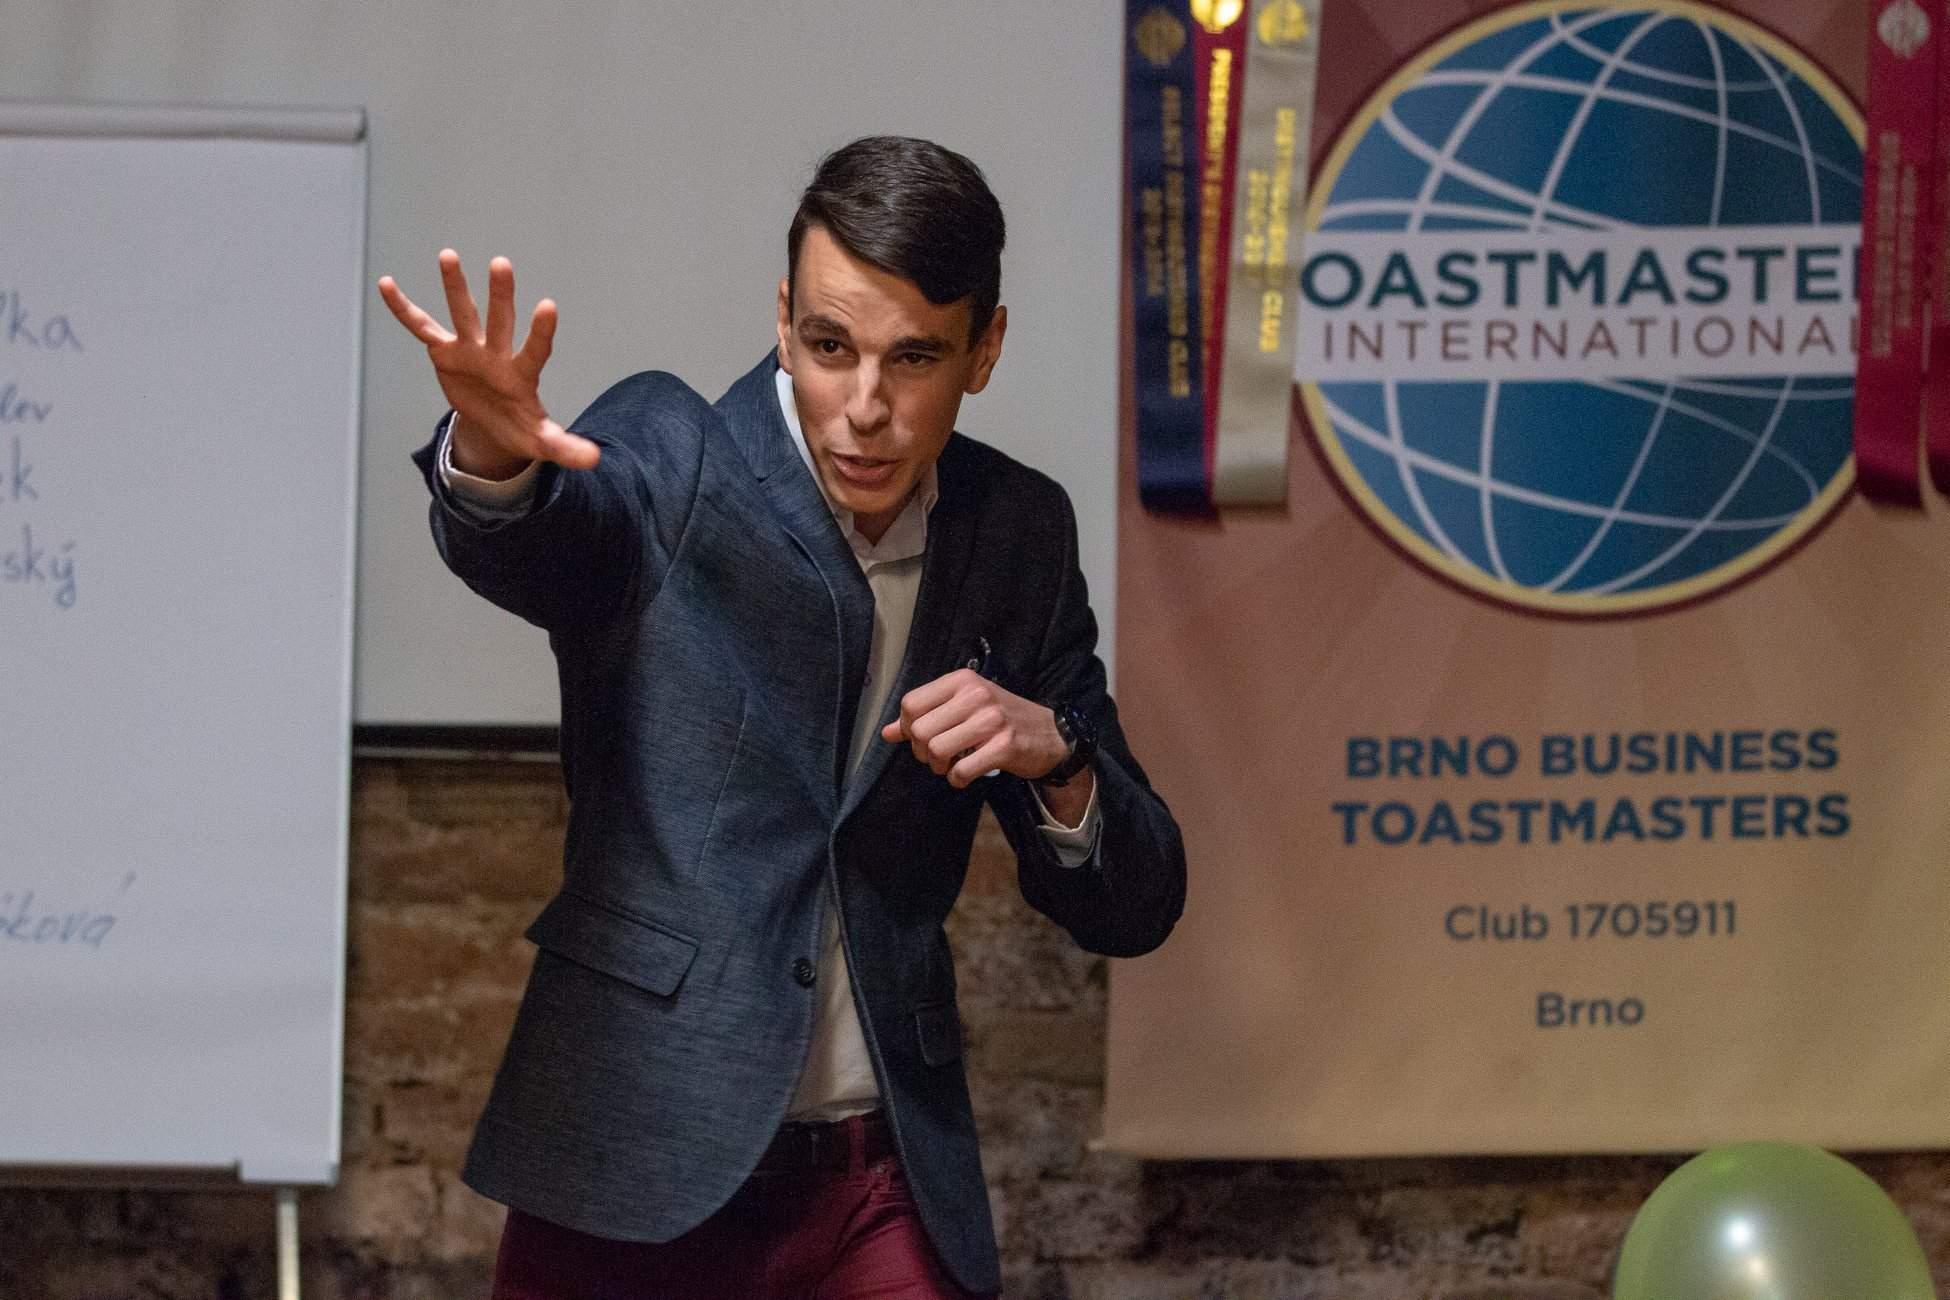 Boris je členem klubu Toast Masters, který se zaměřuje na zlepšení prezentačních dovedností. Foto: Breakfast Toastmasters